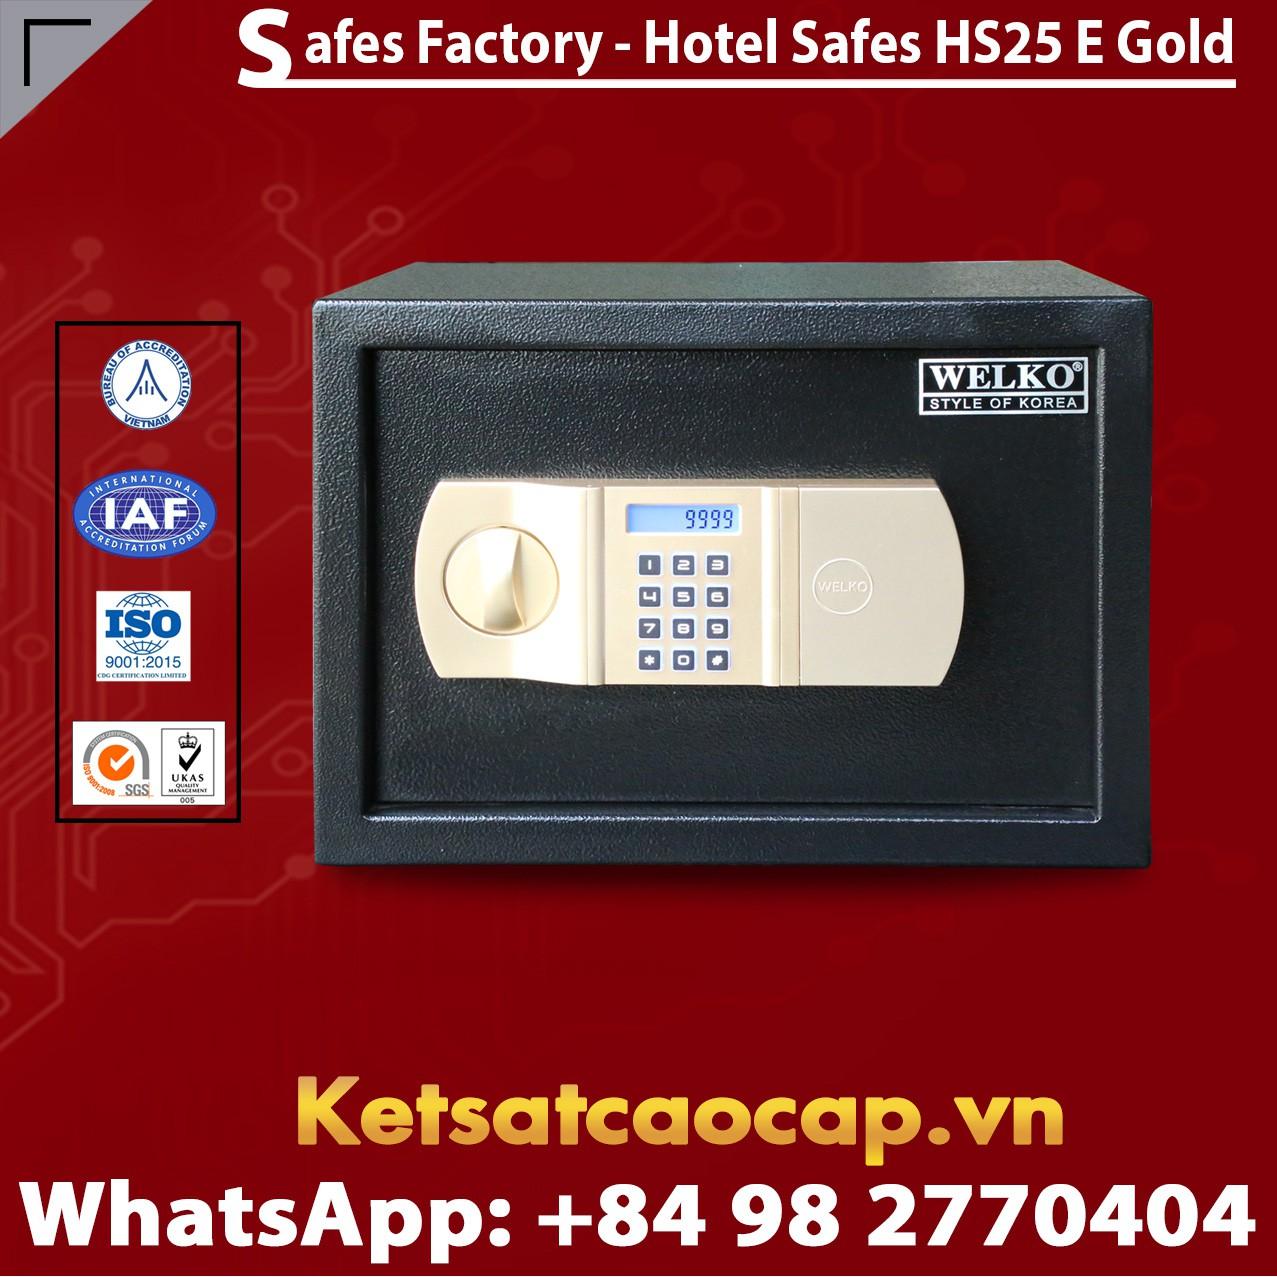 Két Sắt Khách Sạn Hotel Safes WELKO HS25 E Gold